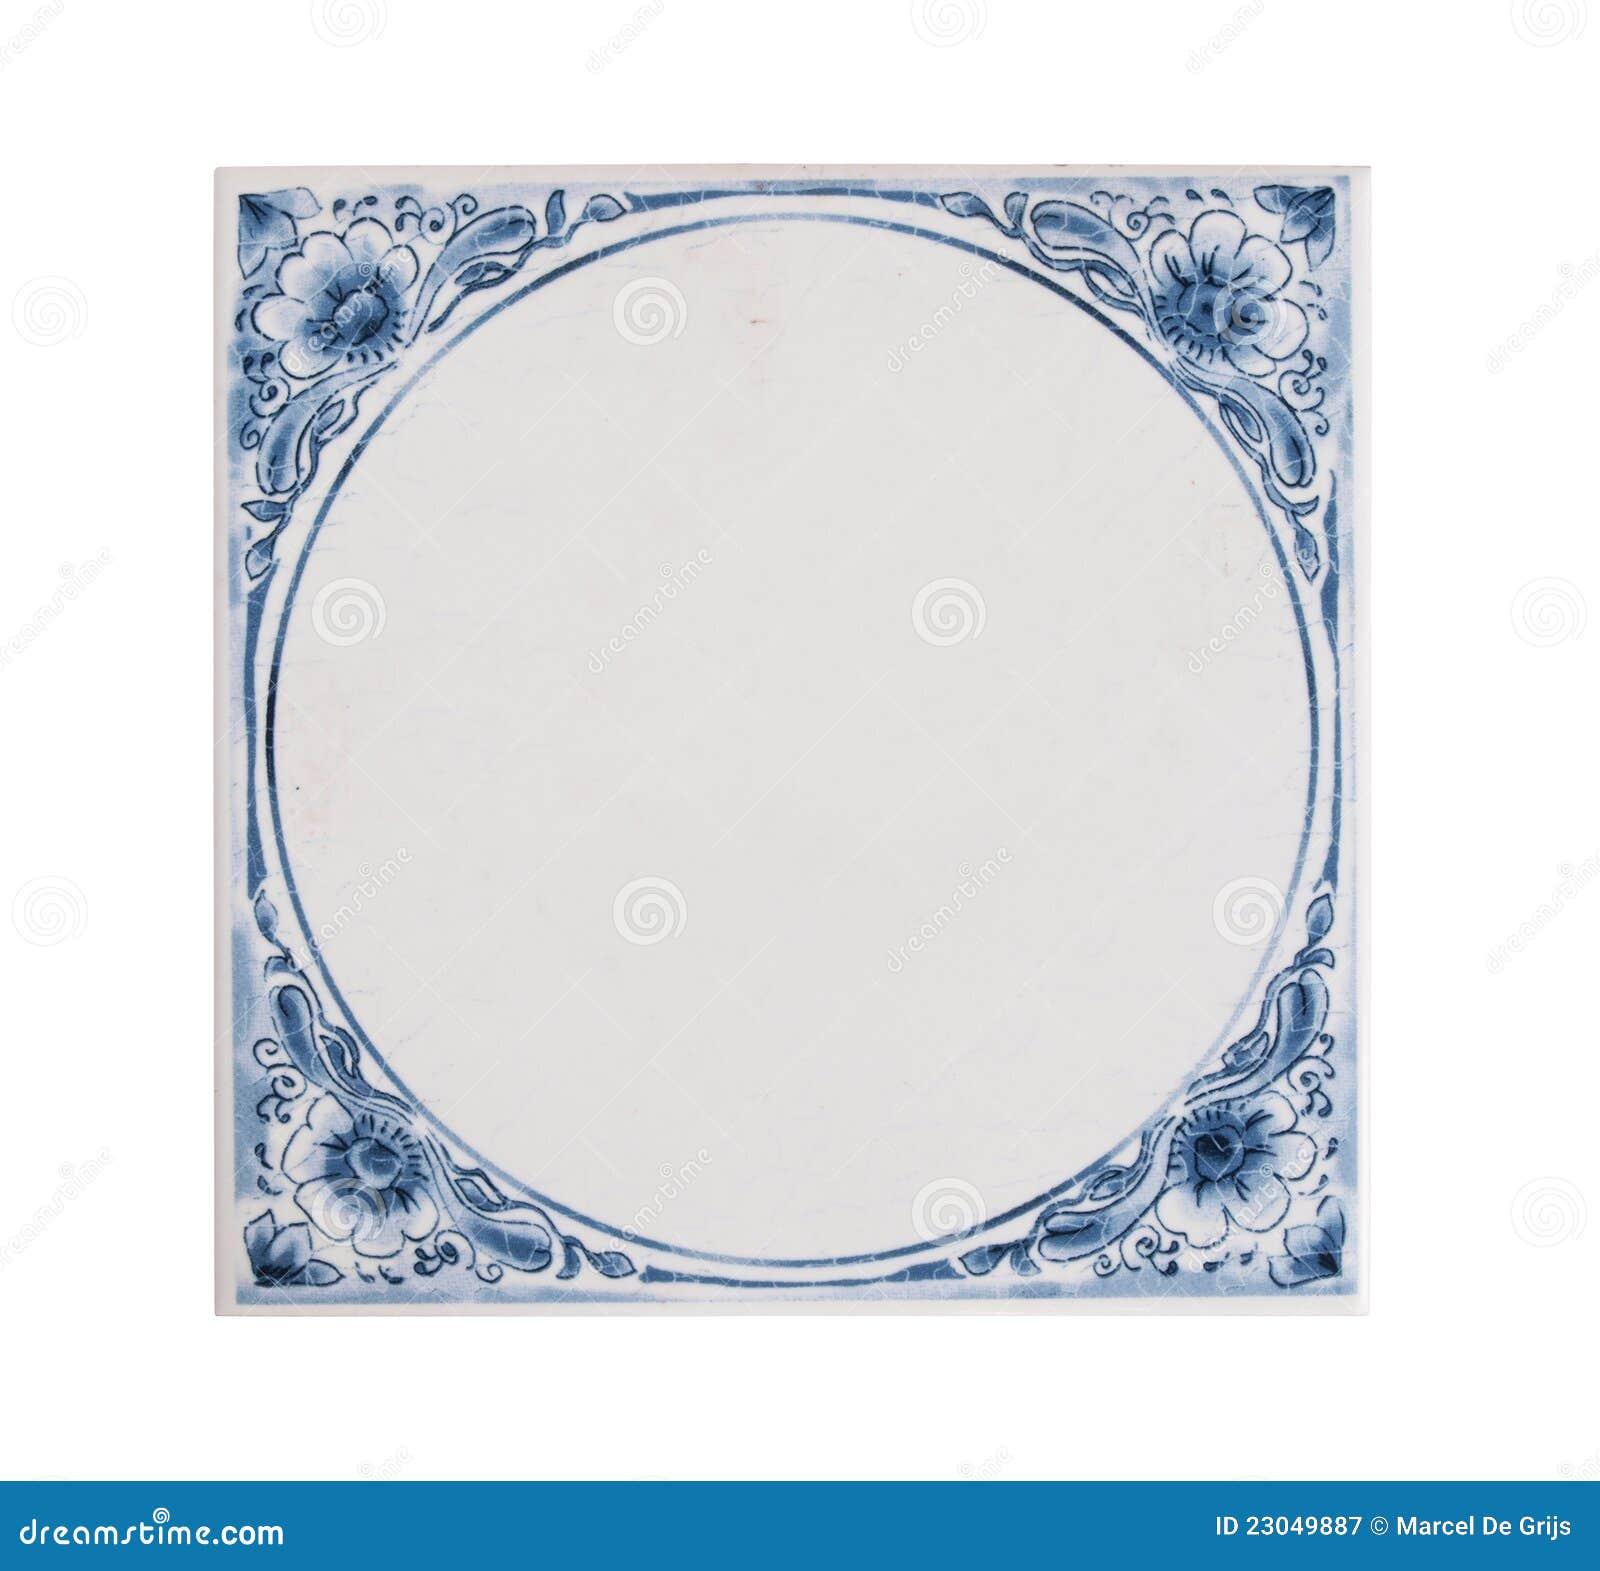 Nederlandse blauwe tegel royalty vrije stock fotografie afbeelding 23049887 - Ruimte tegel te leven ...